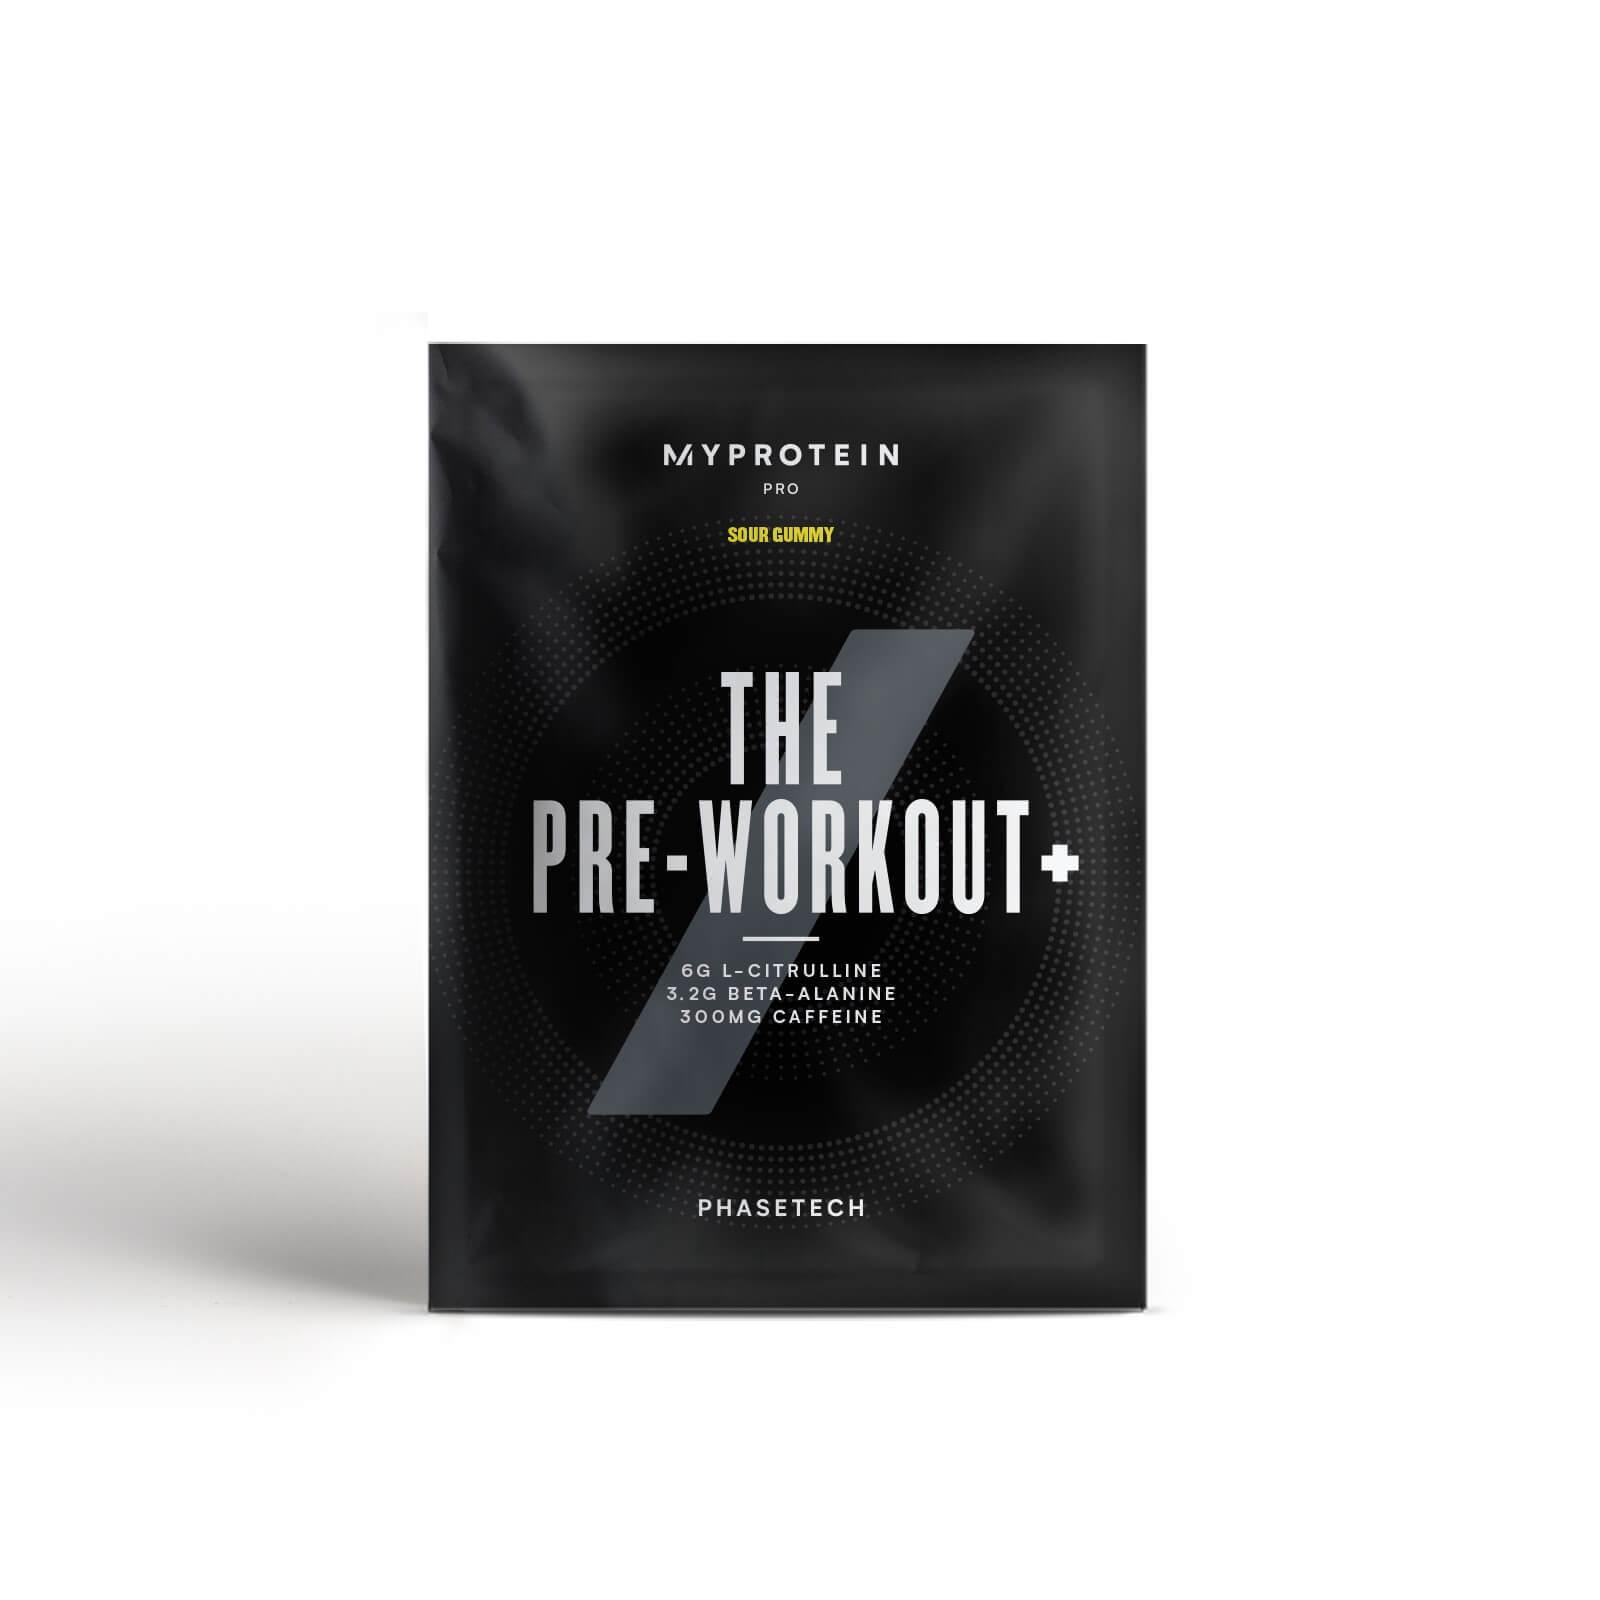 THE Pre-Workout+ (Échantillon) - Bonbons Acidulés